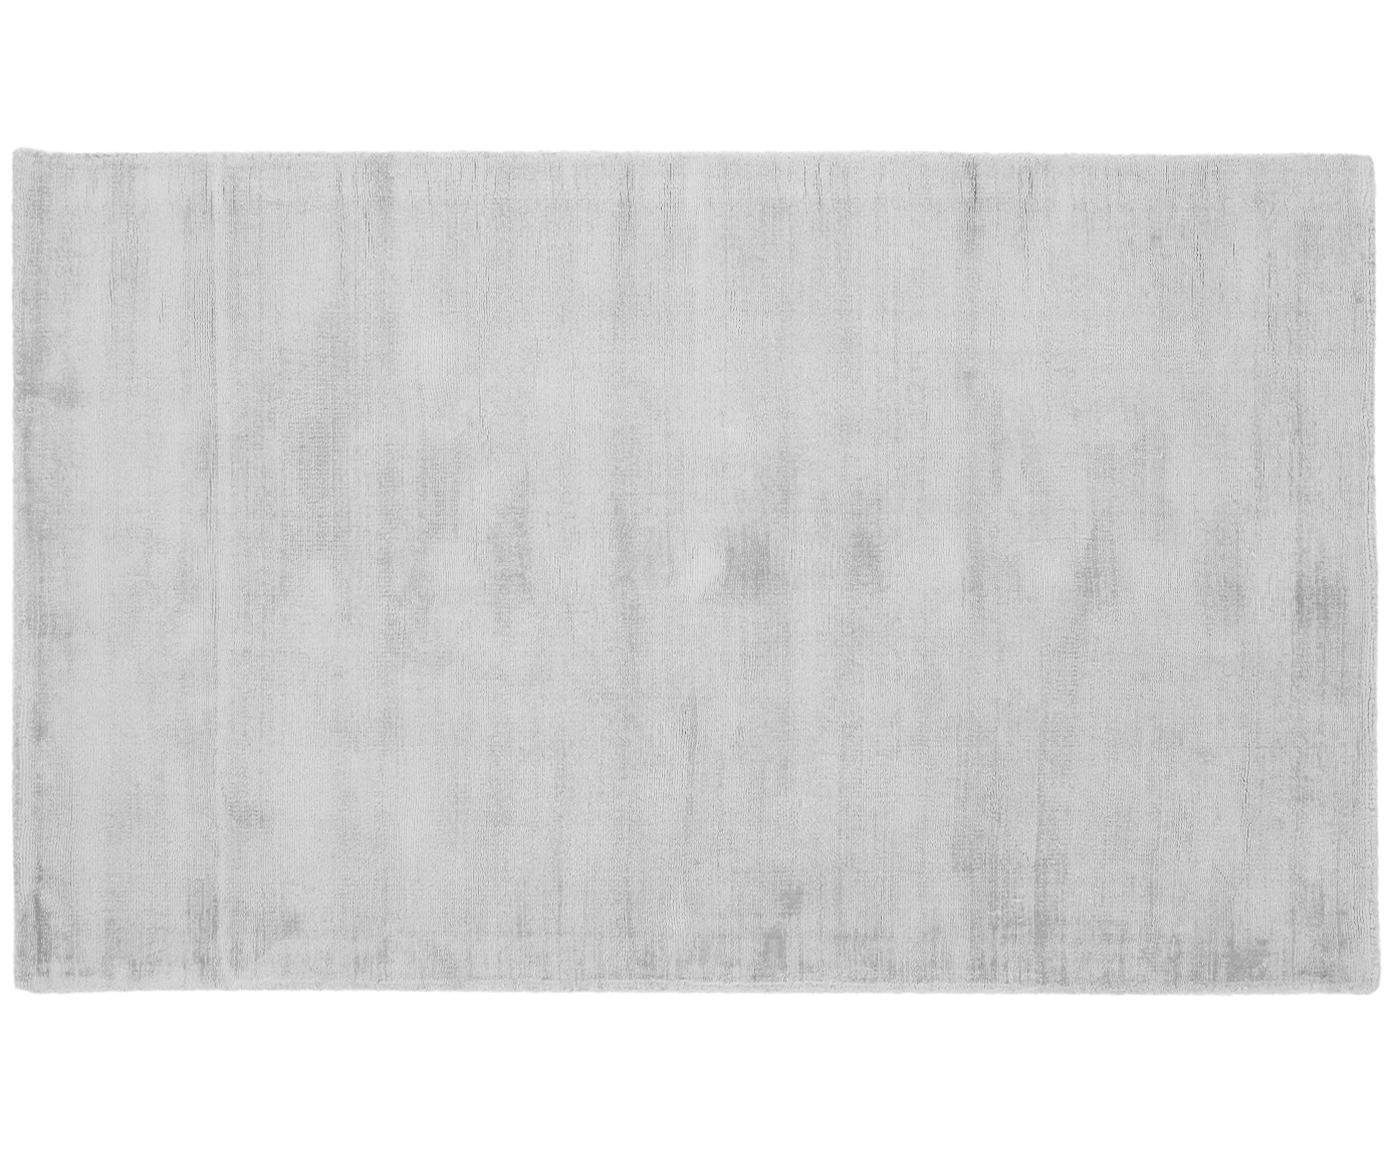 Handgeweven viscose vloerkleed Jane, Bovenzijde: 100% viscose, Onderzijde: 100% katoen, Zilvergrijs, B 90 x L 150 cm (maat XS)